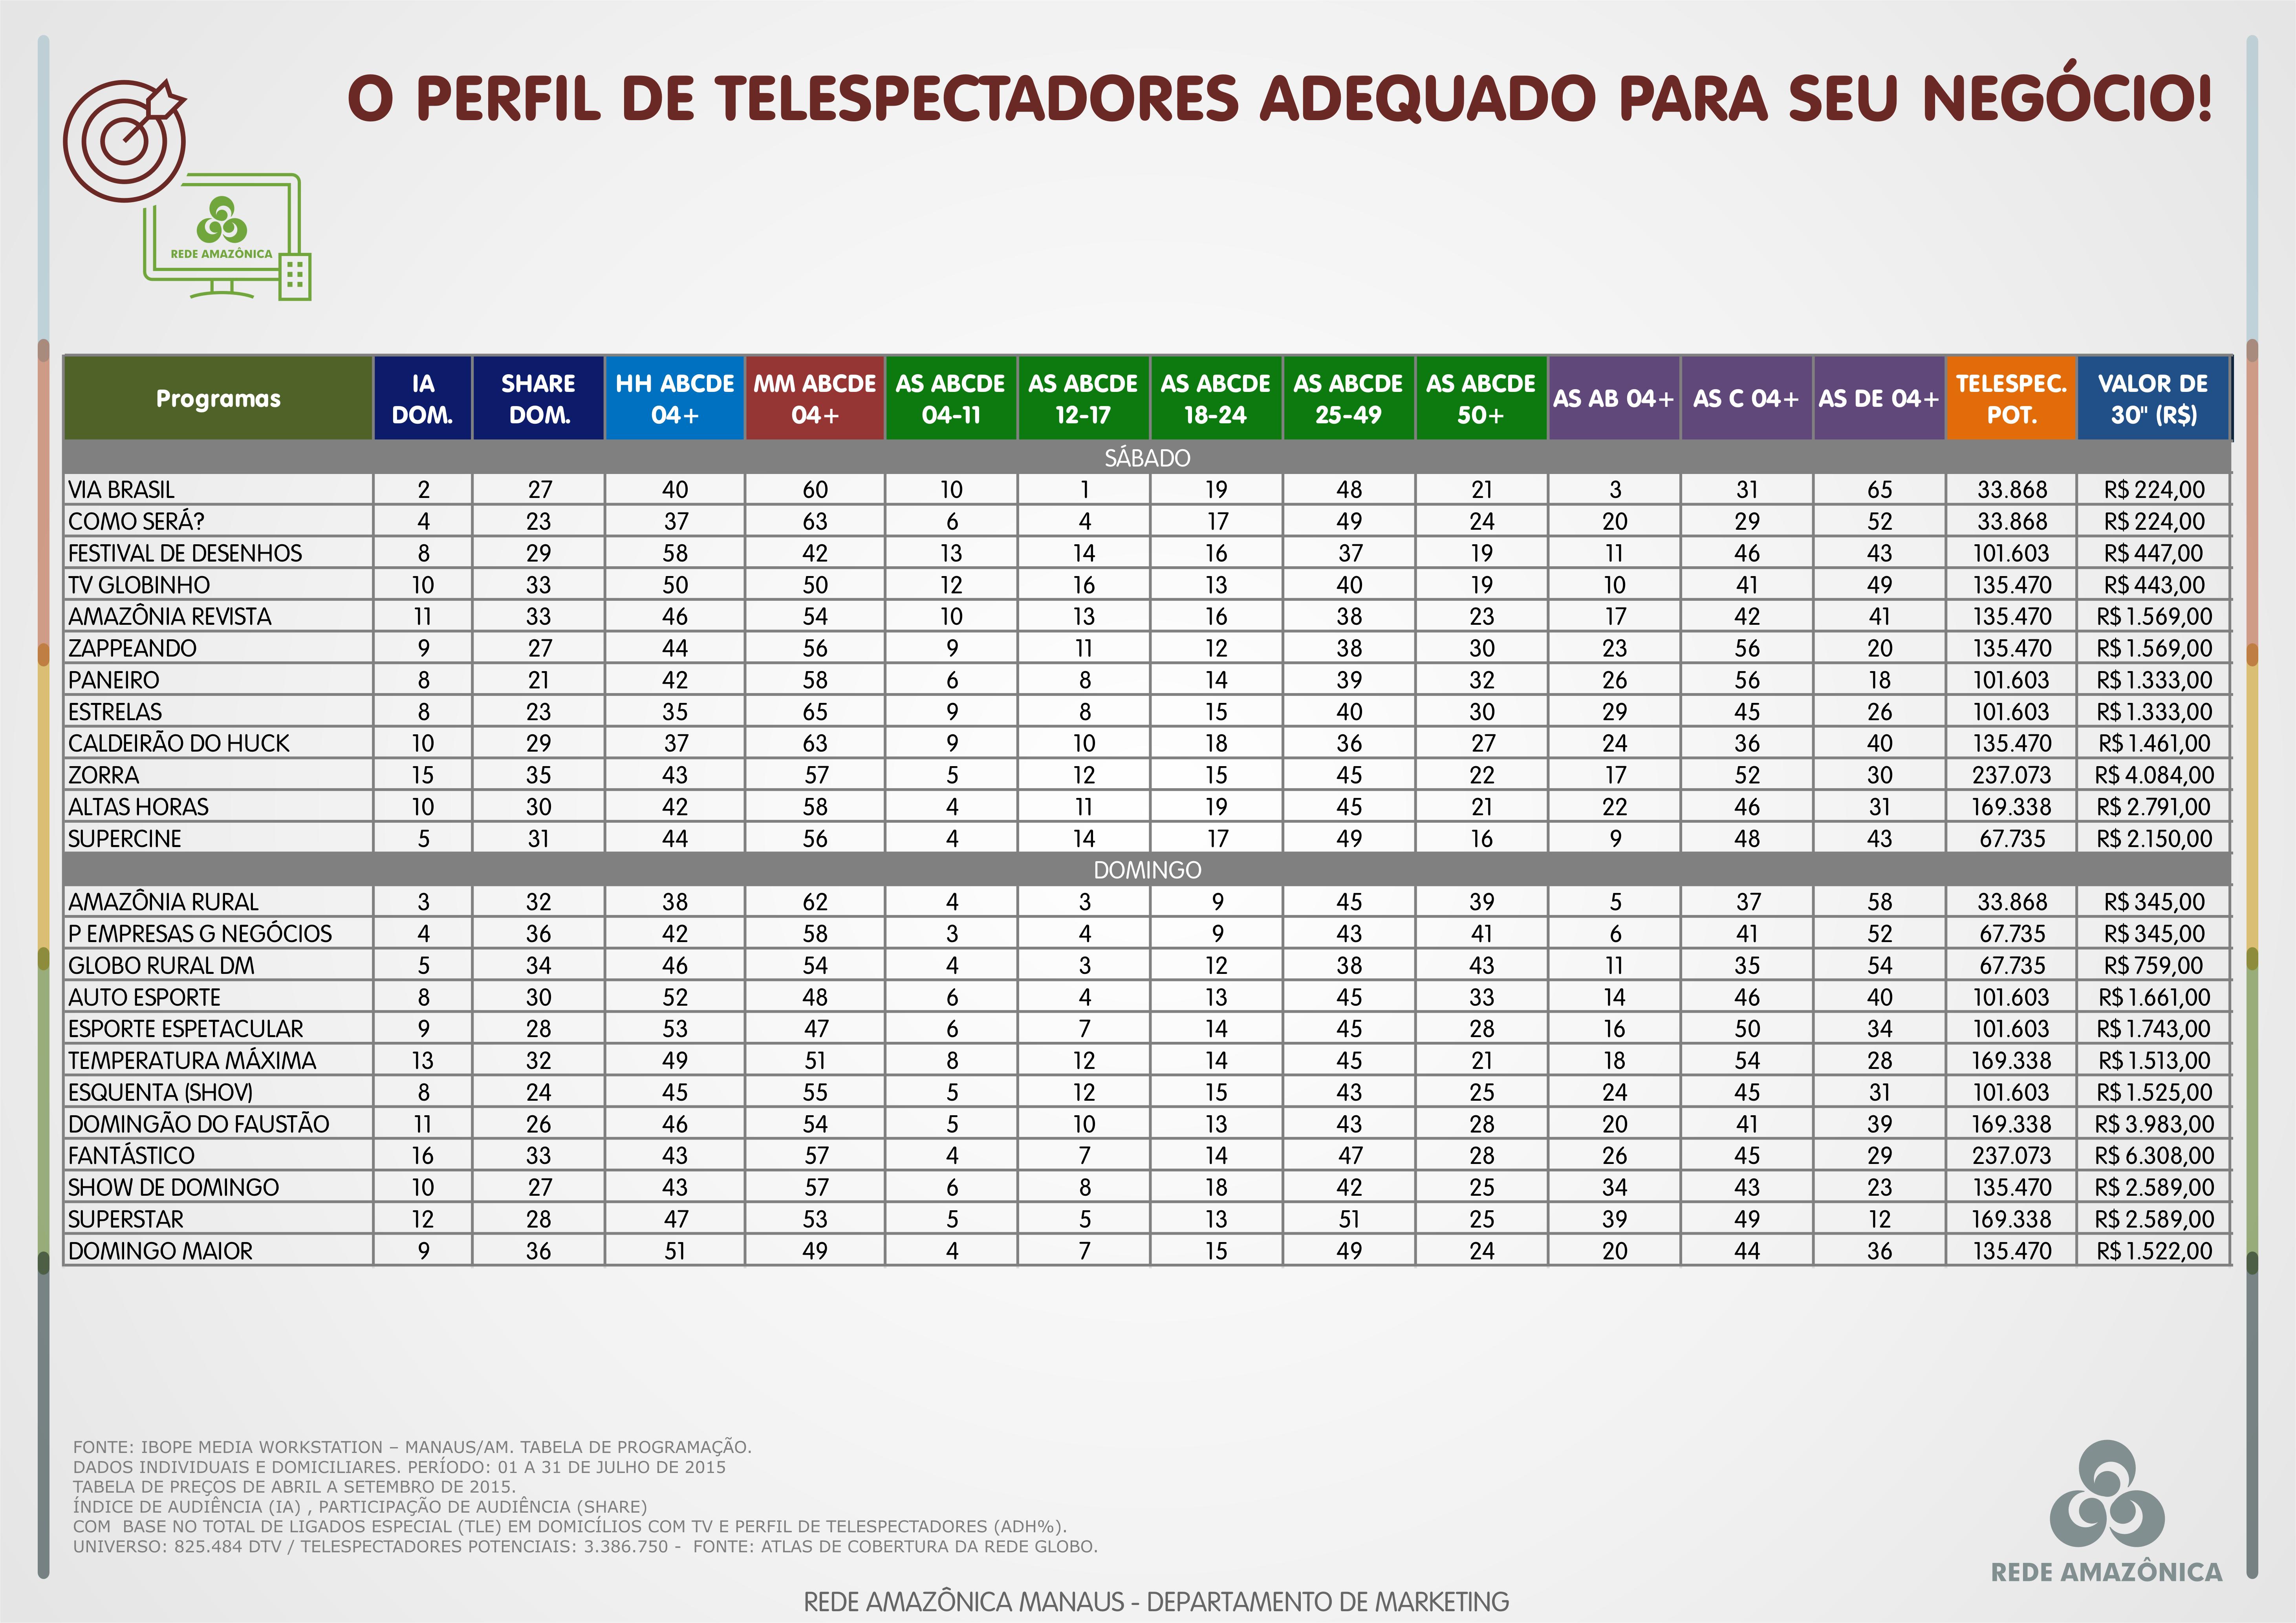 Perfil dos Telespectadores (Foto: Comercial)